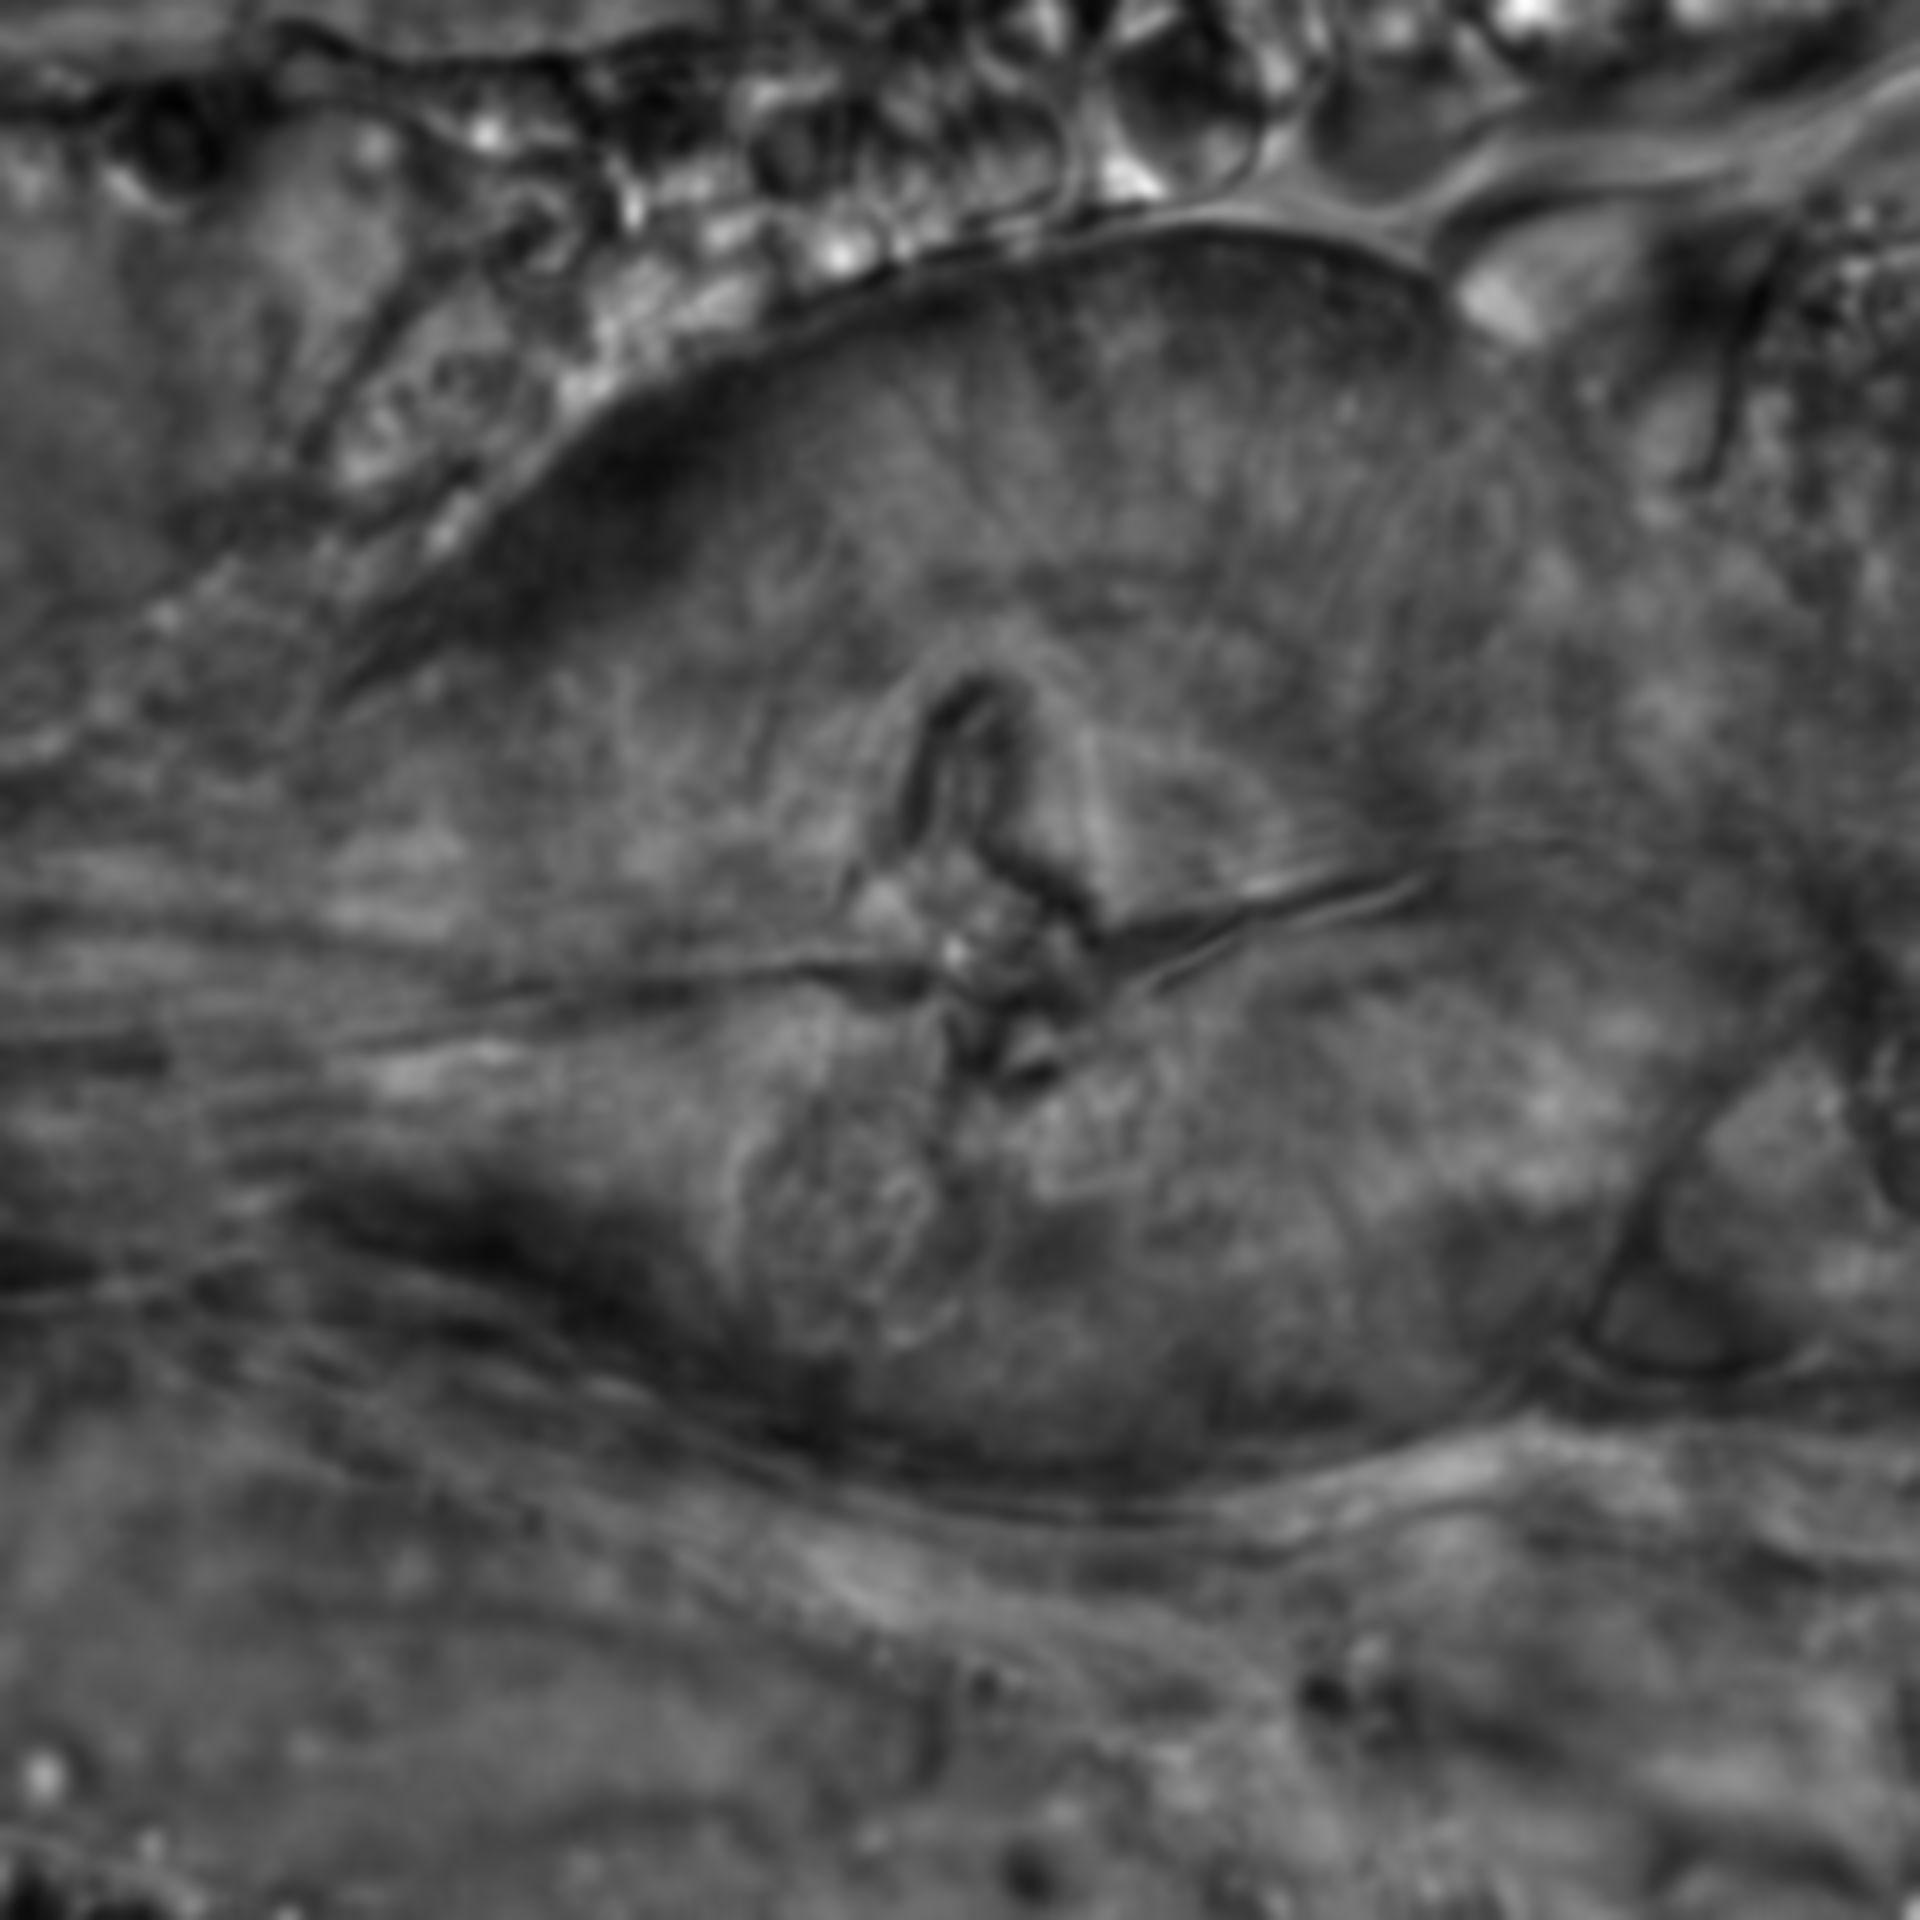 Caenorhabditis elegans - CIL:1794